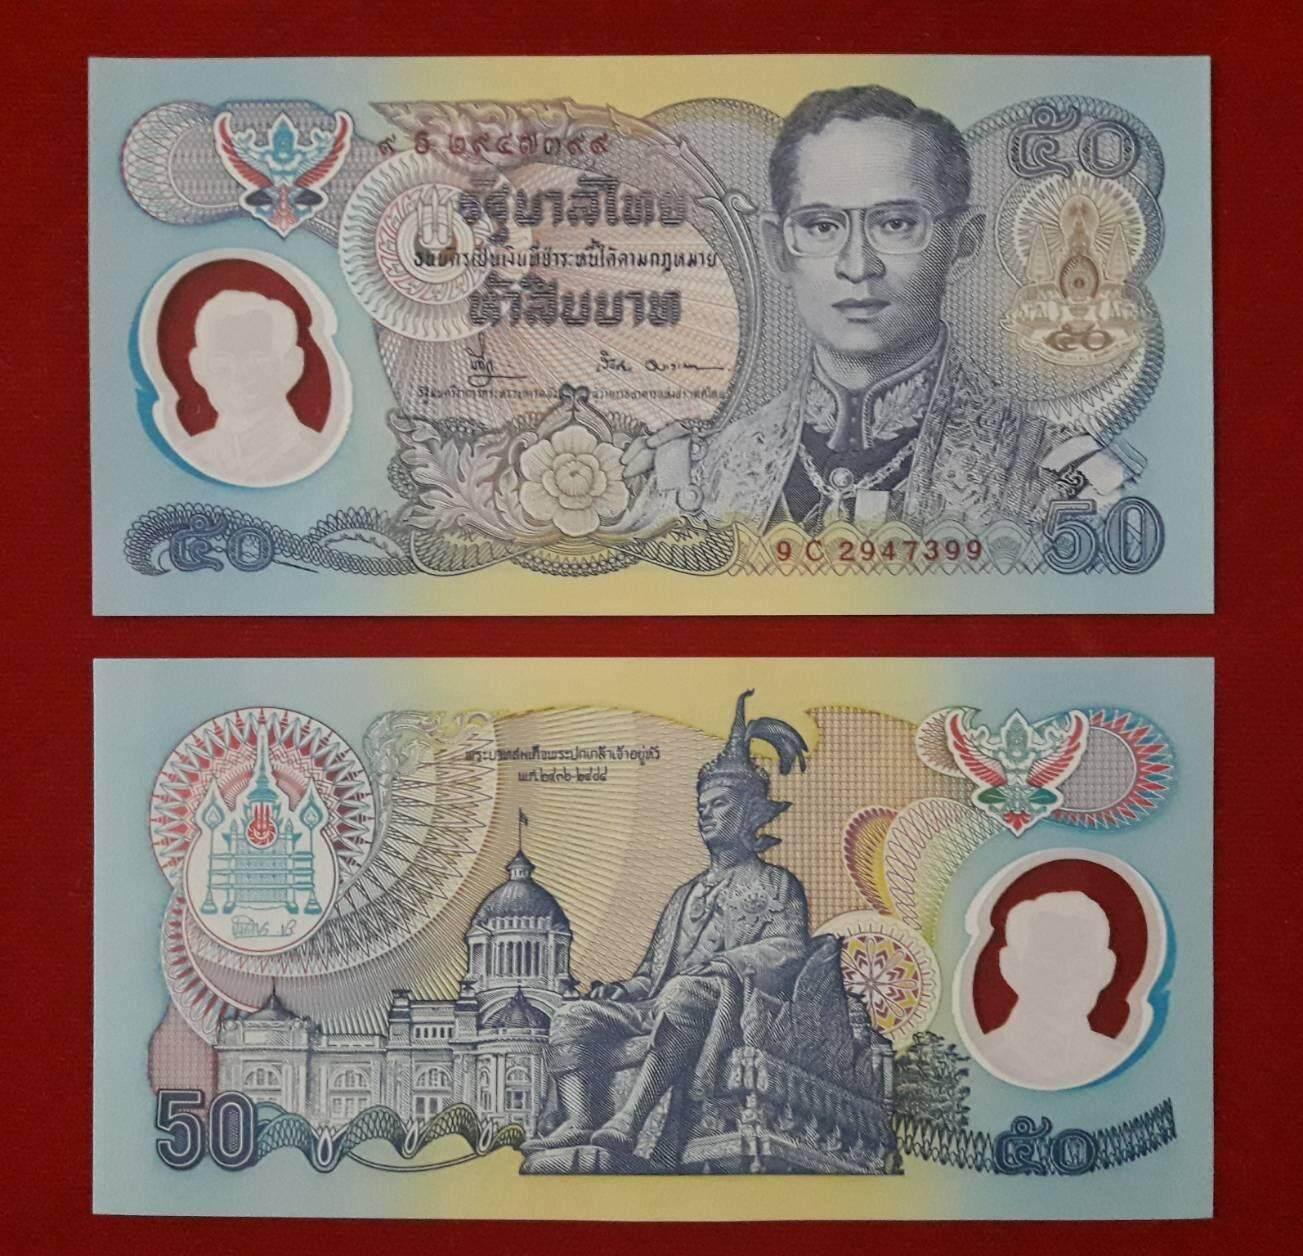 ธนบัตรที่ระลึก 50 บาท กาญจนาภิเษก Unc ส่งฟรี !!( **ธนบัตรฉบับจริง** พร้อม ส่งฟรี!!)